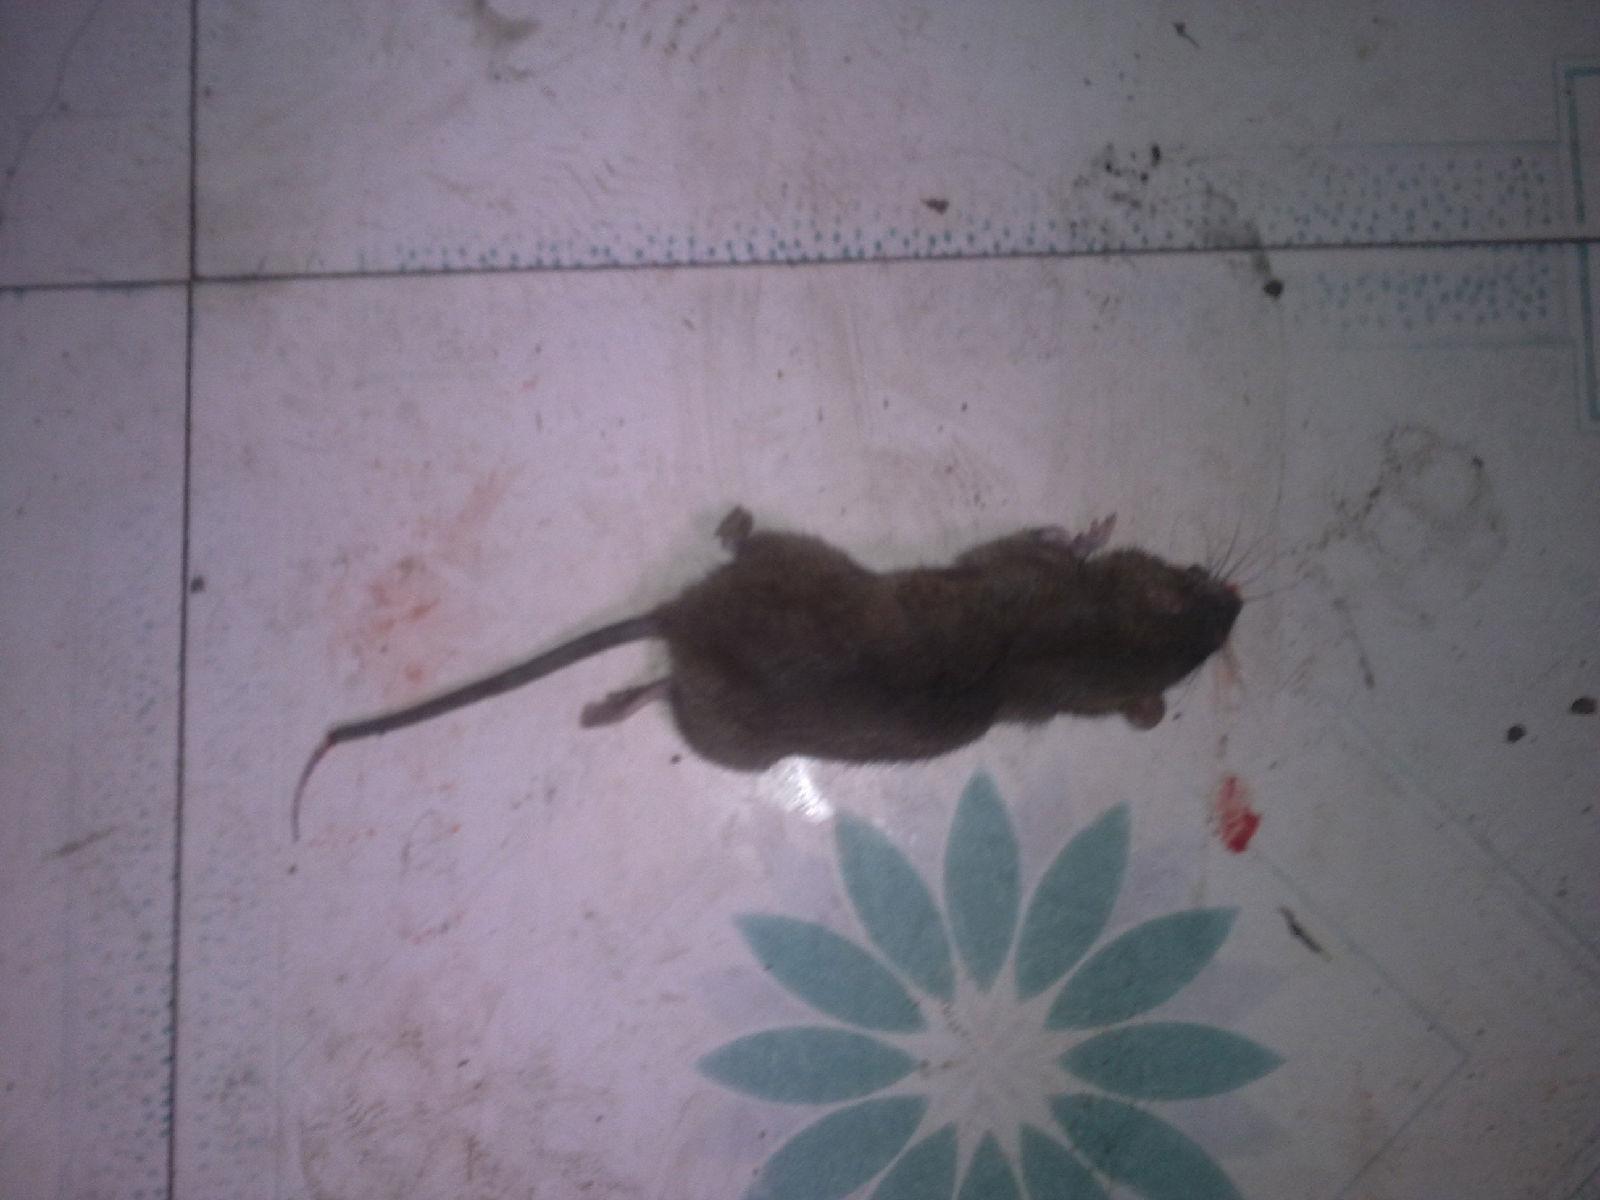 小女子刚才踩死了一直老鼠有jb